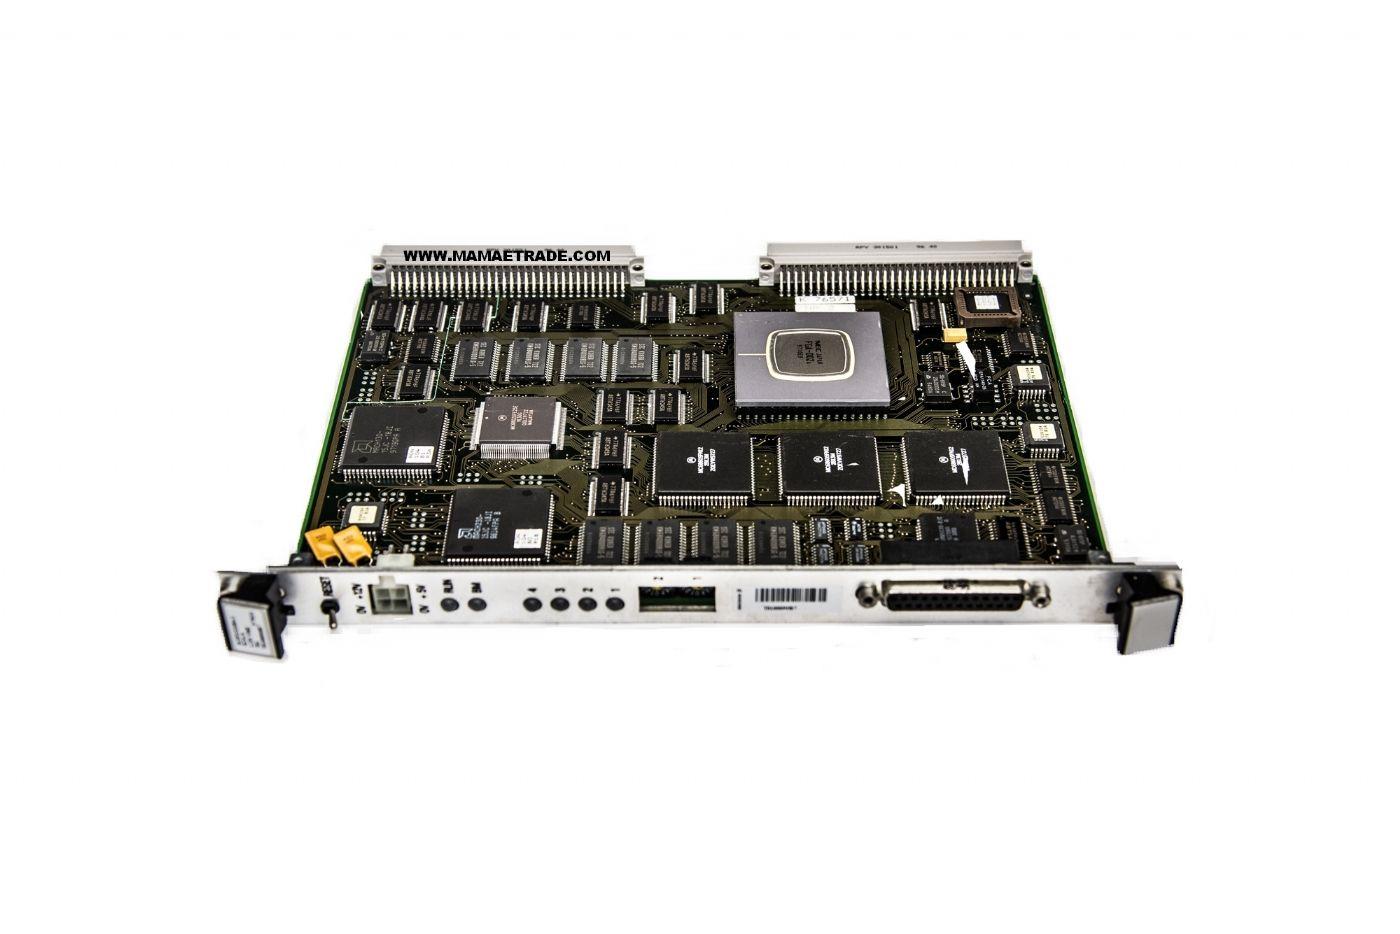 SCHEDA LUH-VME PER CENTRALE TELEFONICA ERICSSON MD110 - R ...